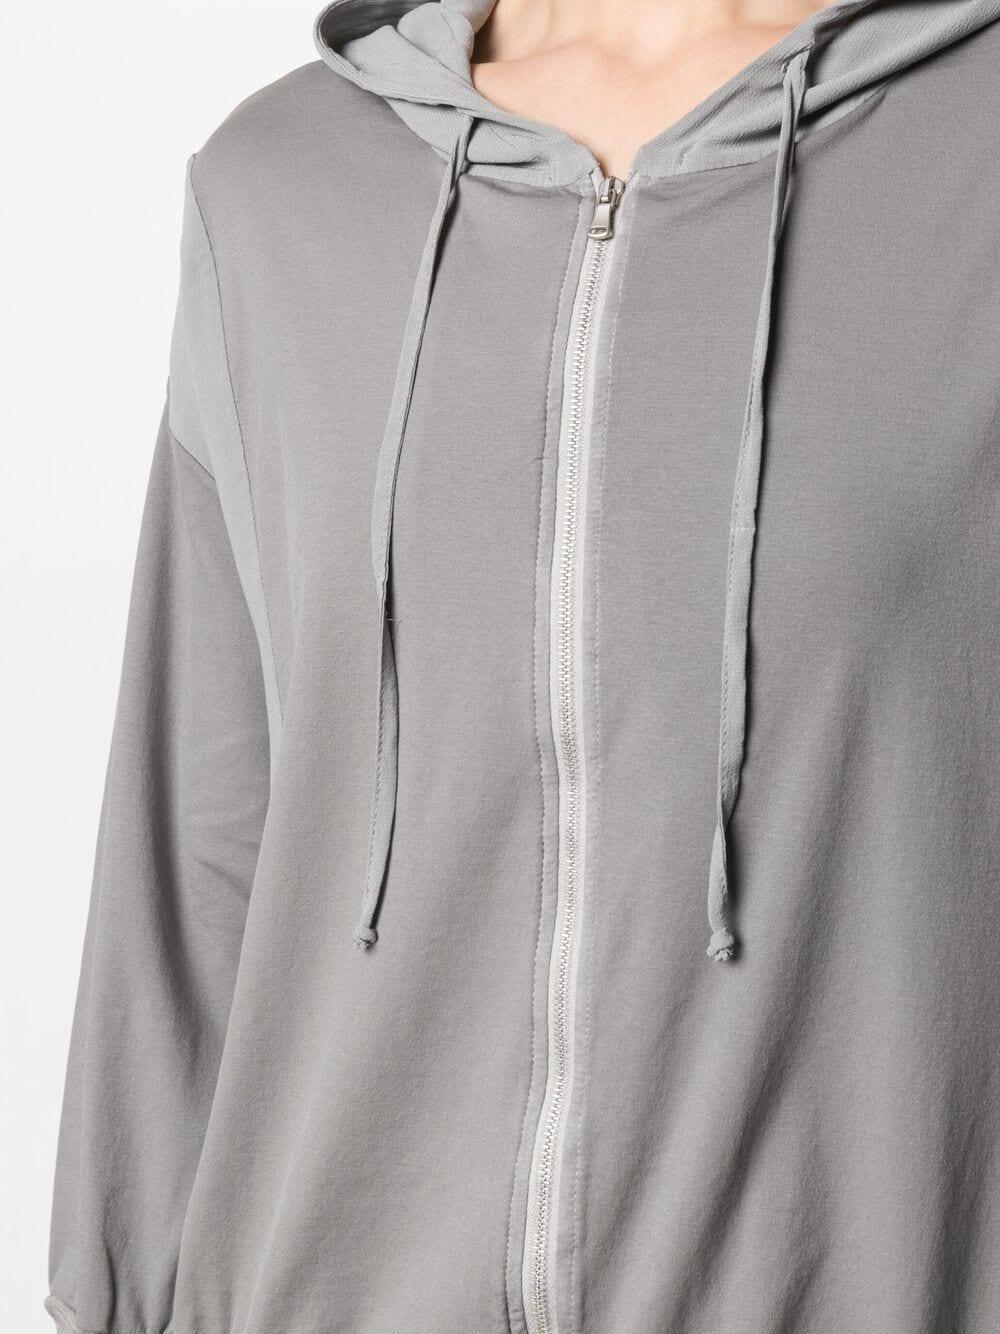 Felpa con cappuccio e coulisse in cotone elasticizzato grigio TRANSIT | Cardigan | CFDTRN-J19912